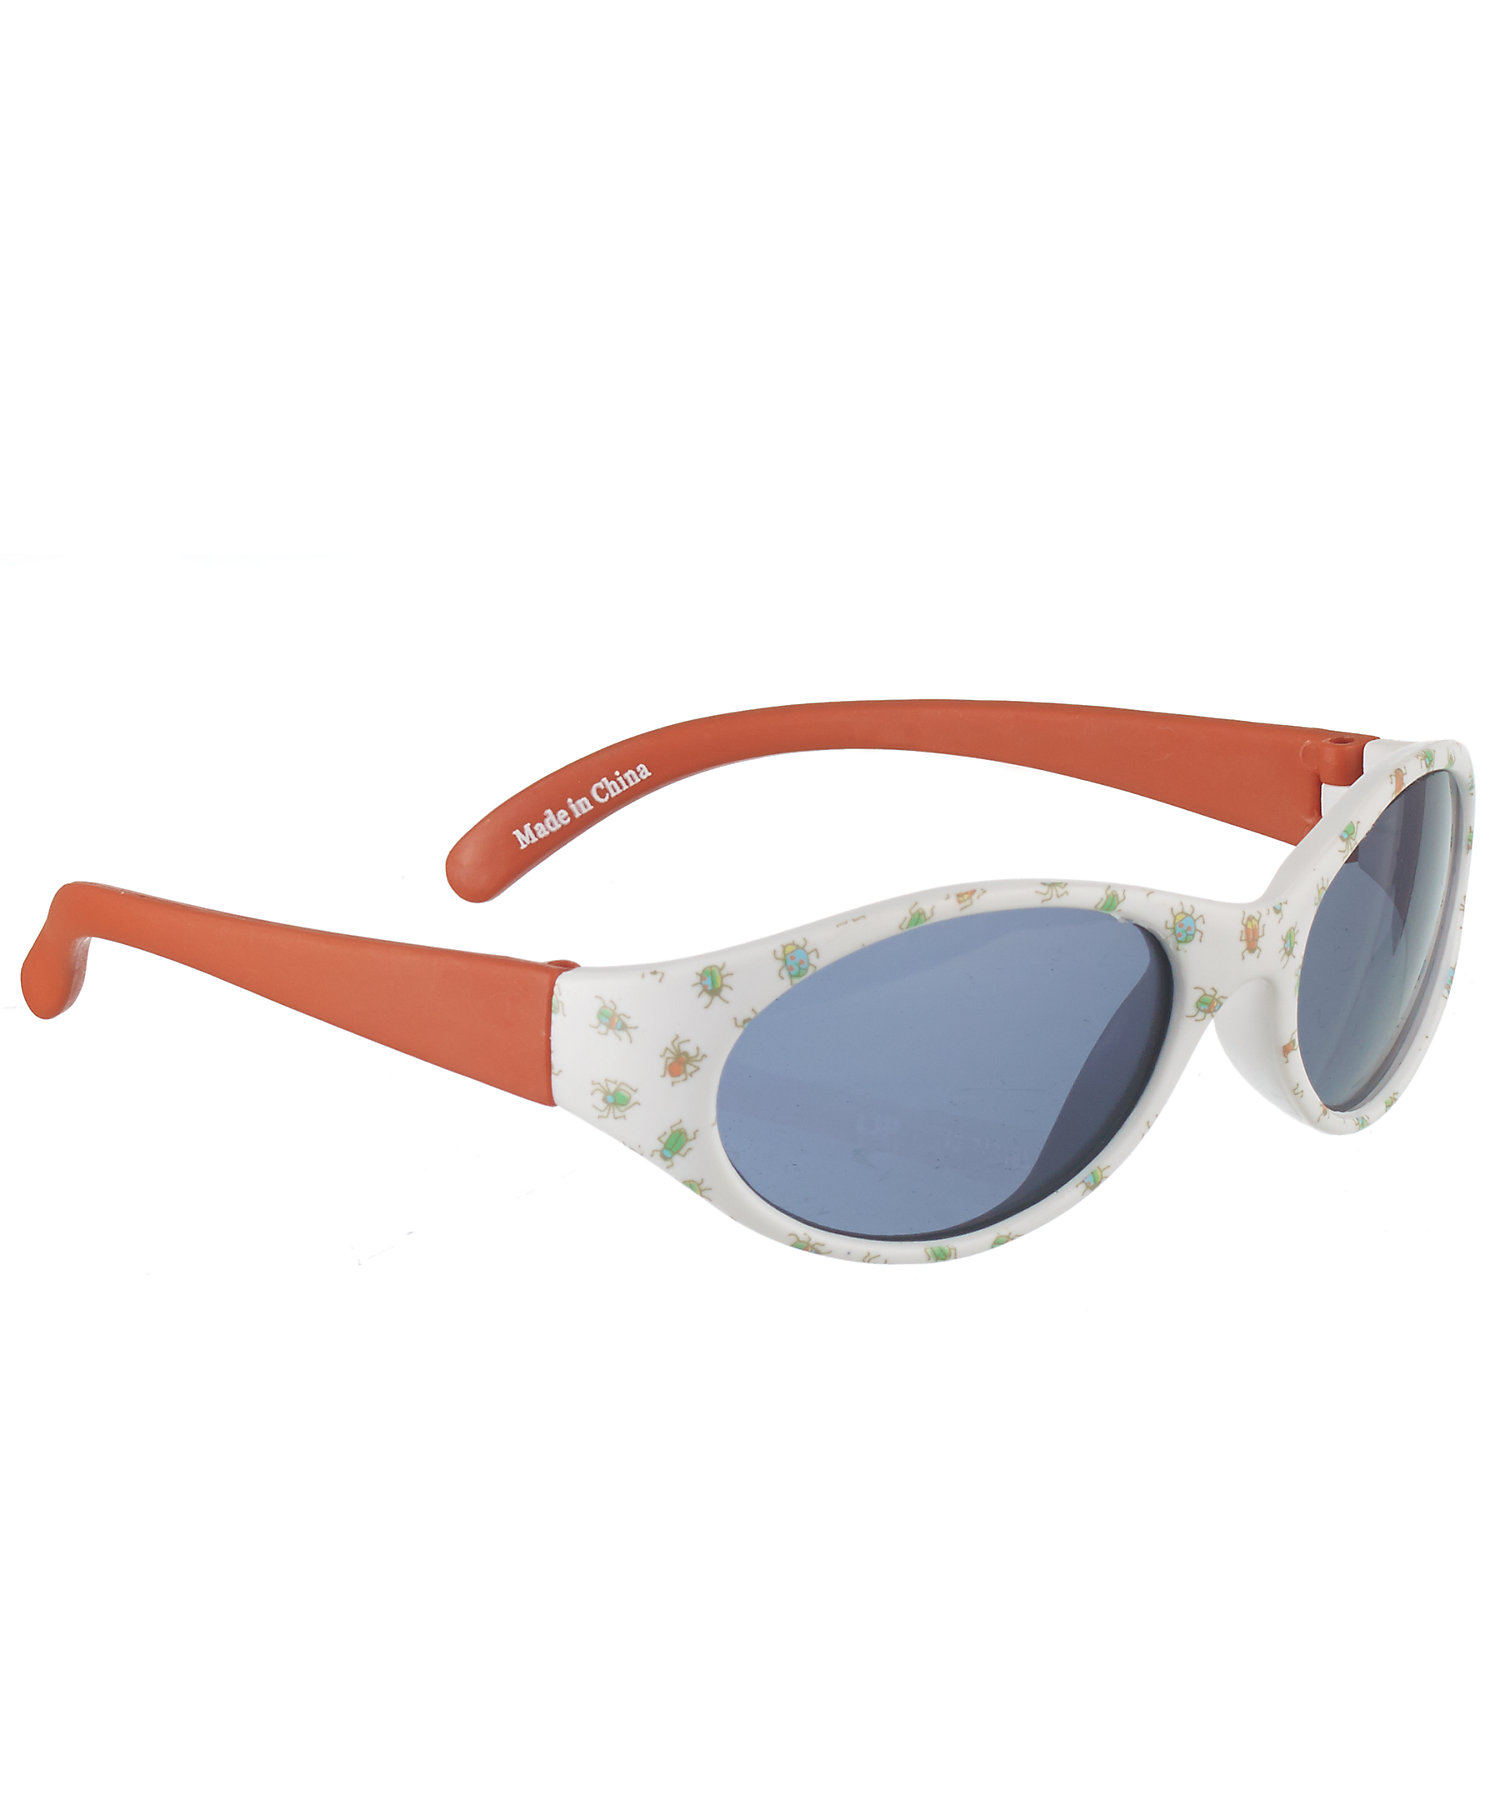 Mothercare | Boys Sunglasses - Multicolor